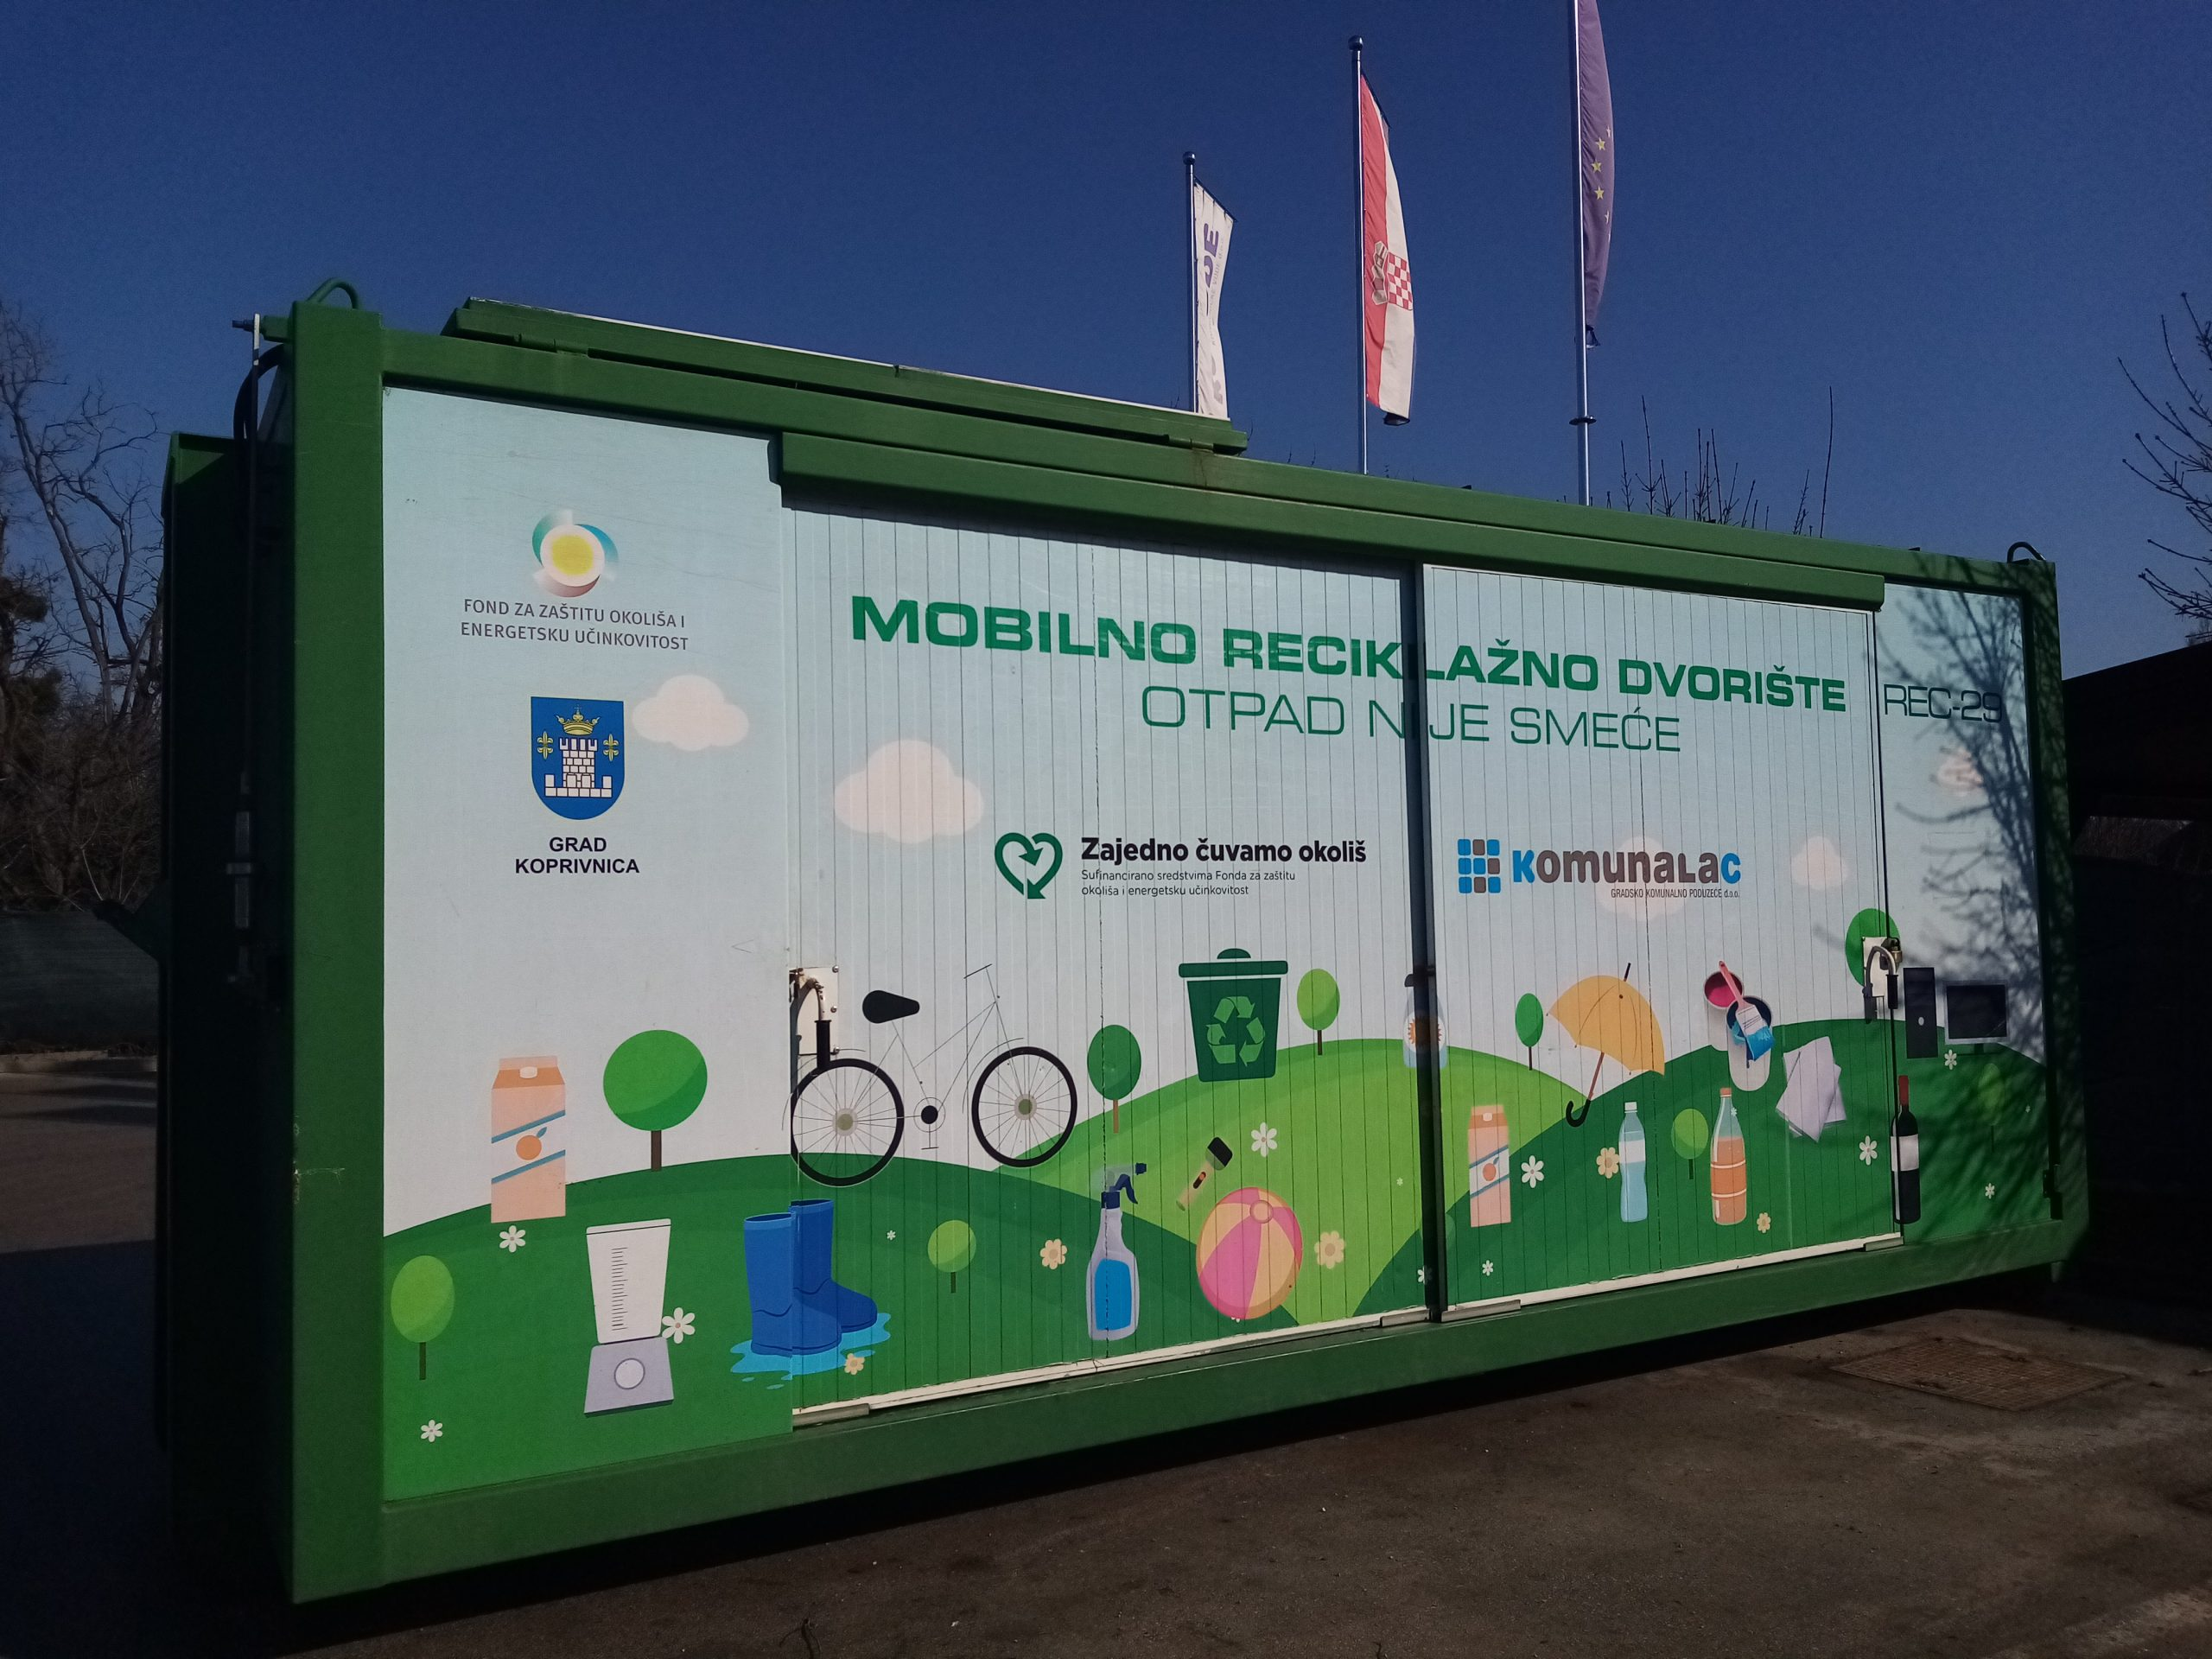 Mobilno reciklažno dvorište u utorak, 14. rujna, nalazit će se u općini Sokolovac